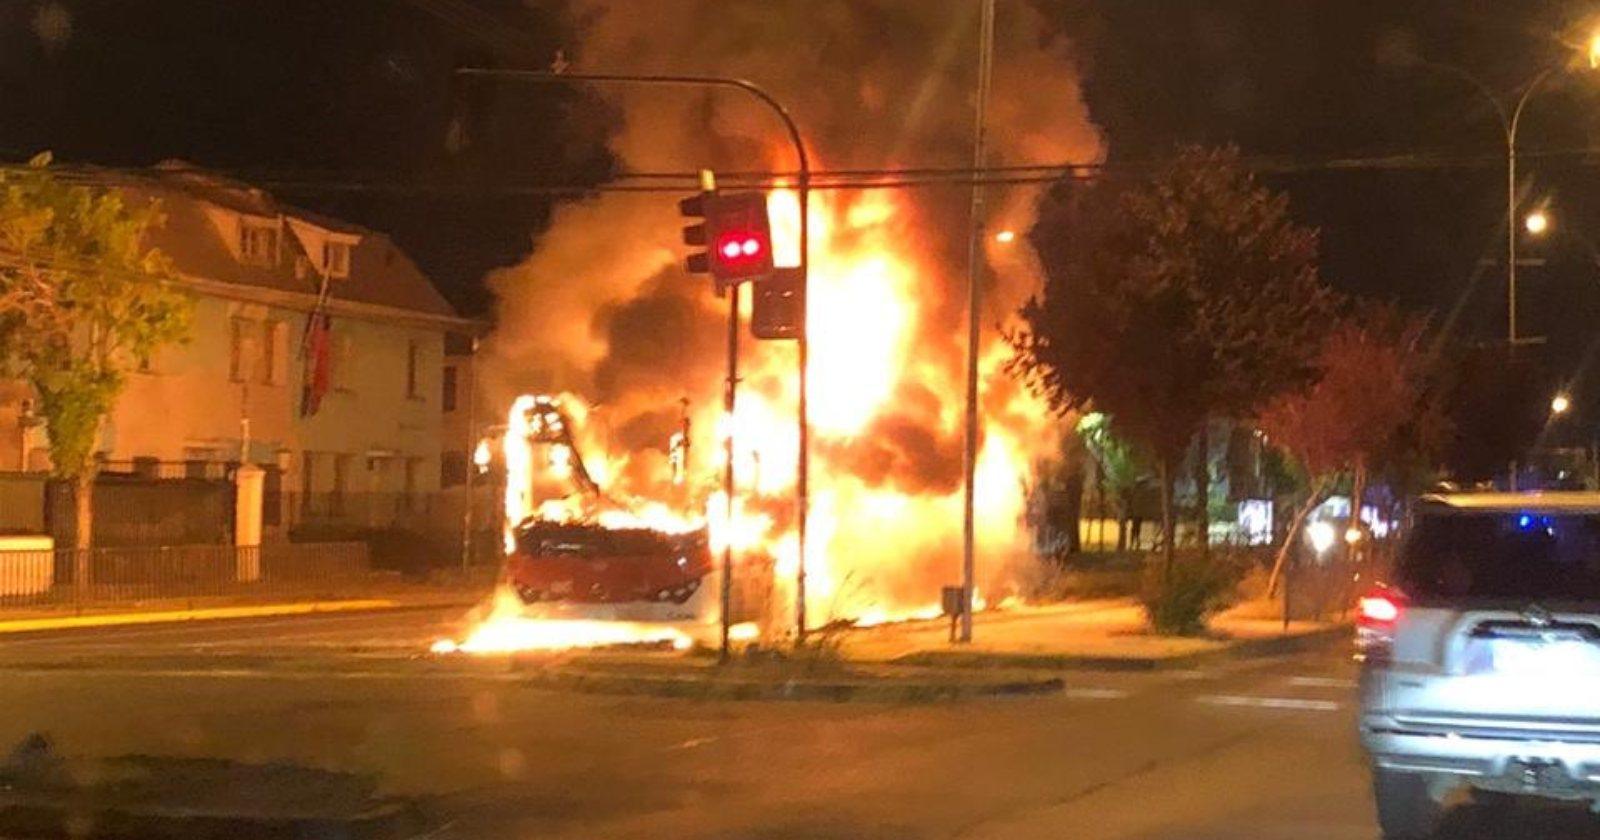 Manifestaciones en Ñuñoa terminaron con bus de US$ 290.000 totalmente quemado